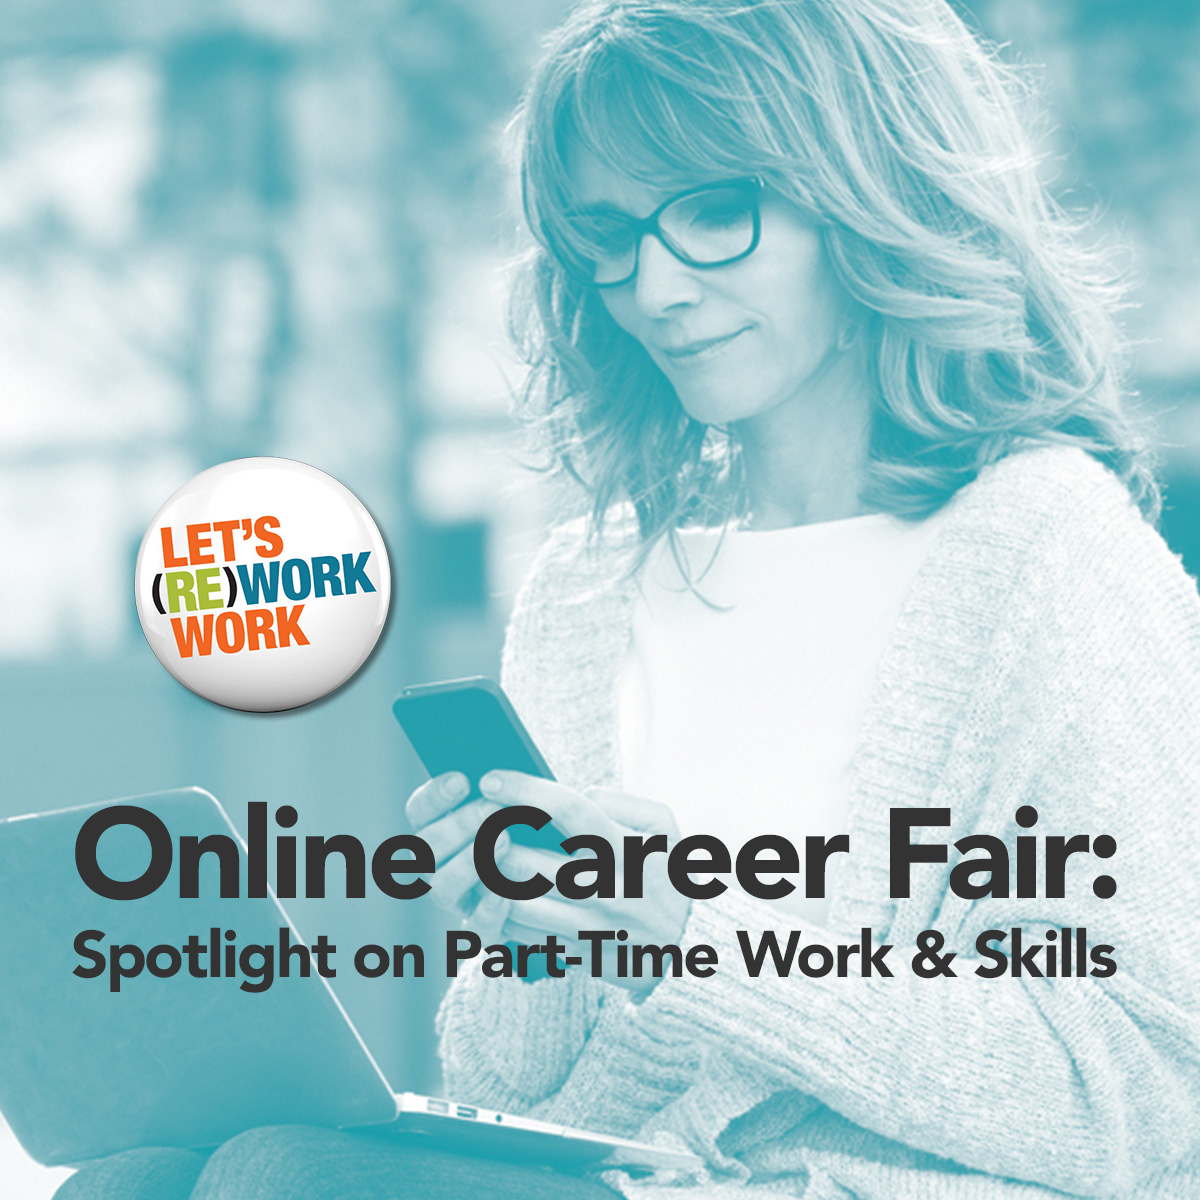 pt_career_fair_1200x1200_fb